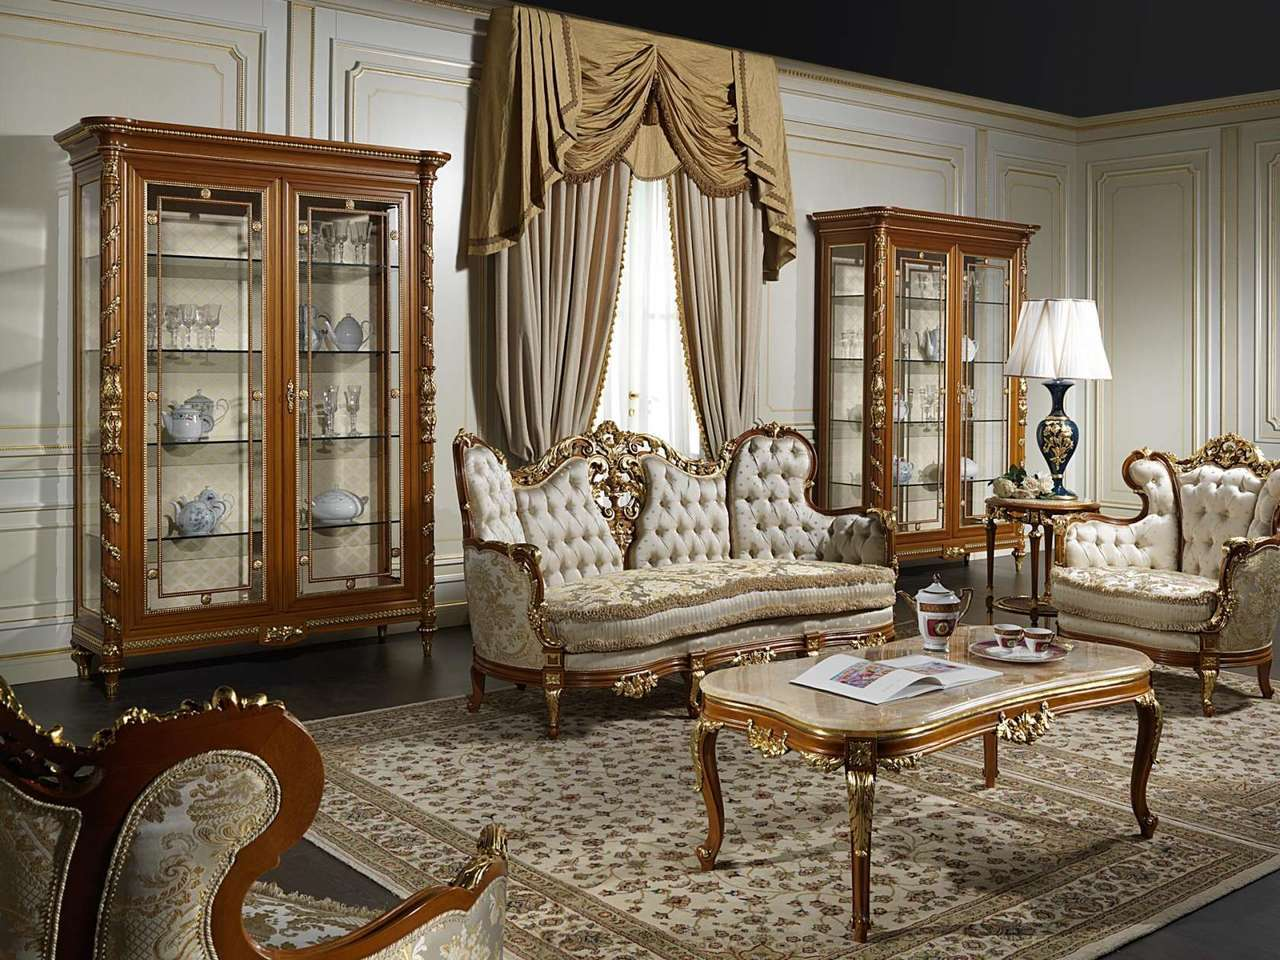 Phong cách nội thất cổ điển được giới thượng lưu ưa chuộng